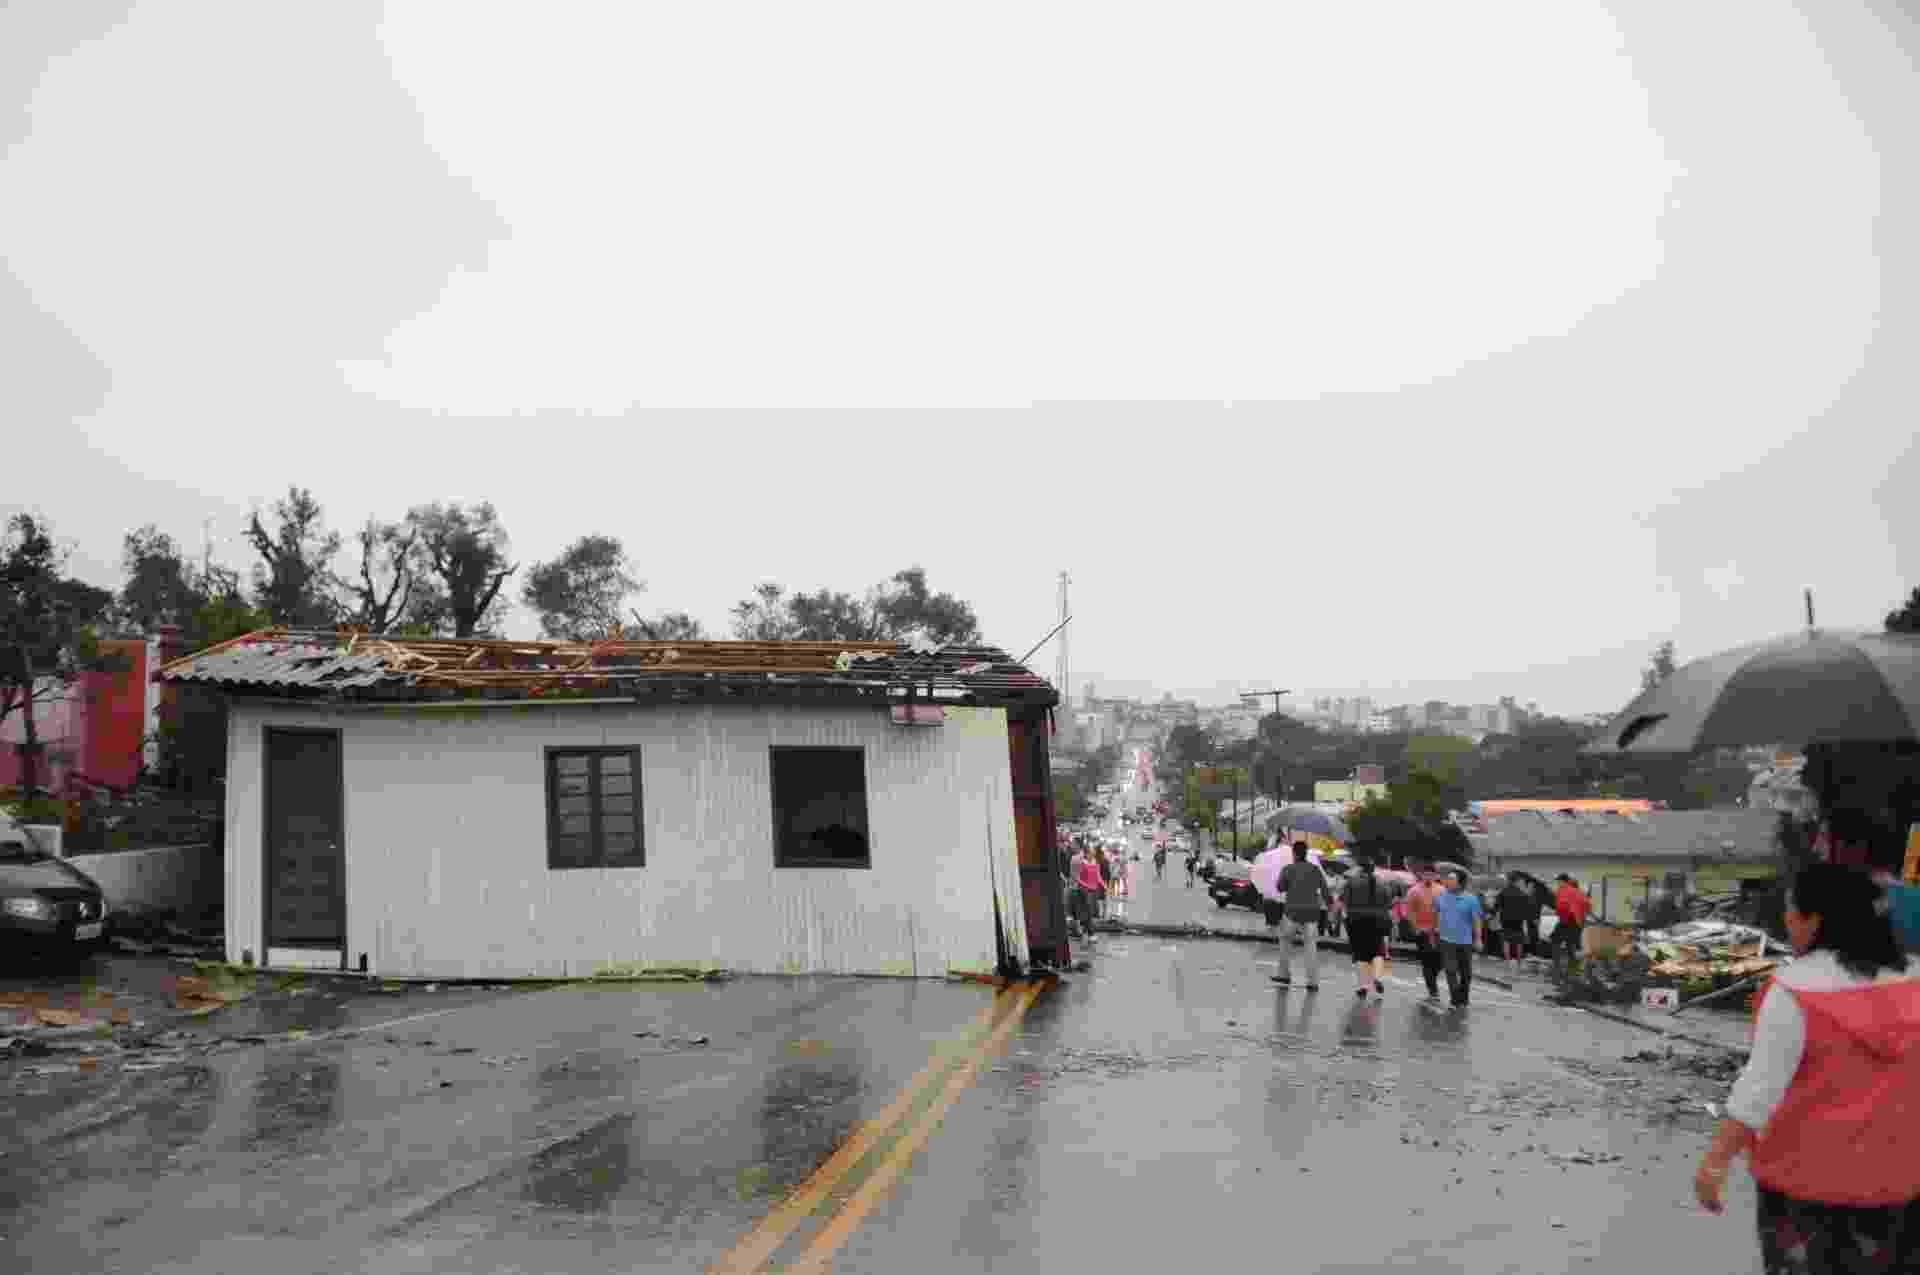 22.abr.2015 - 22.abr.2015 - Casa fica no meio da pista após a passagem de um tornado no início da tarde de segunda-feira (20), que deixou um rastro de estragos e causou duas mortes em Xanxerê, no oeste de Santa Catarina.  Pelo menos duas pessoas morreram e mil estão desabrigadas - Sirli Freitas/Agência RBS